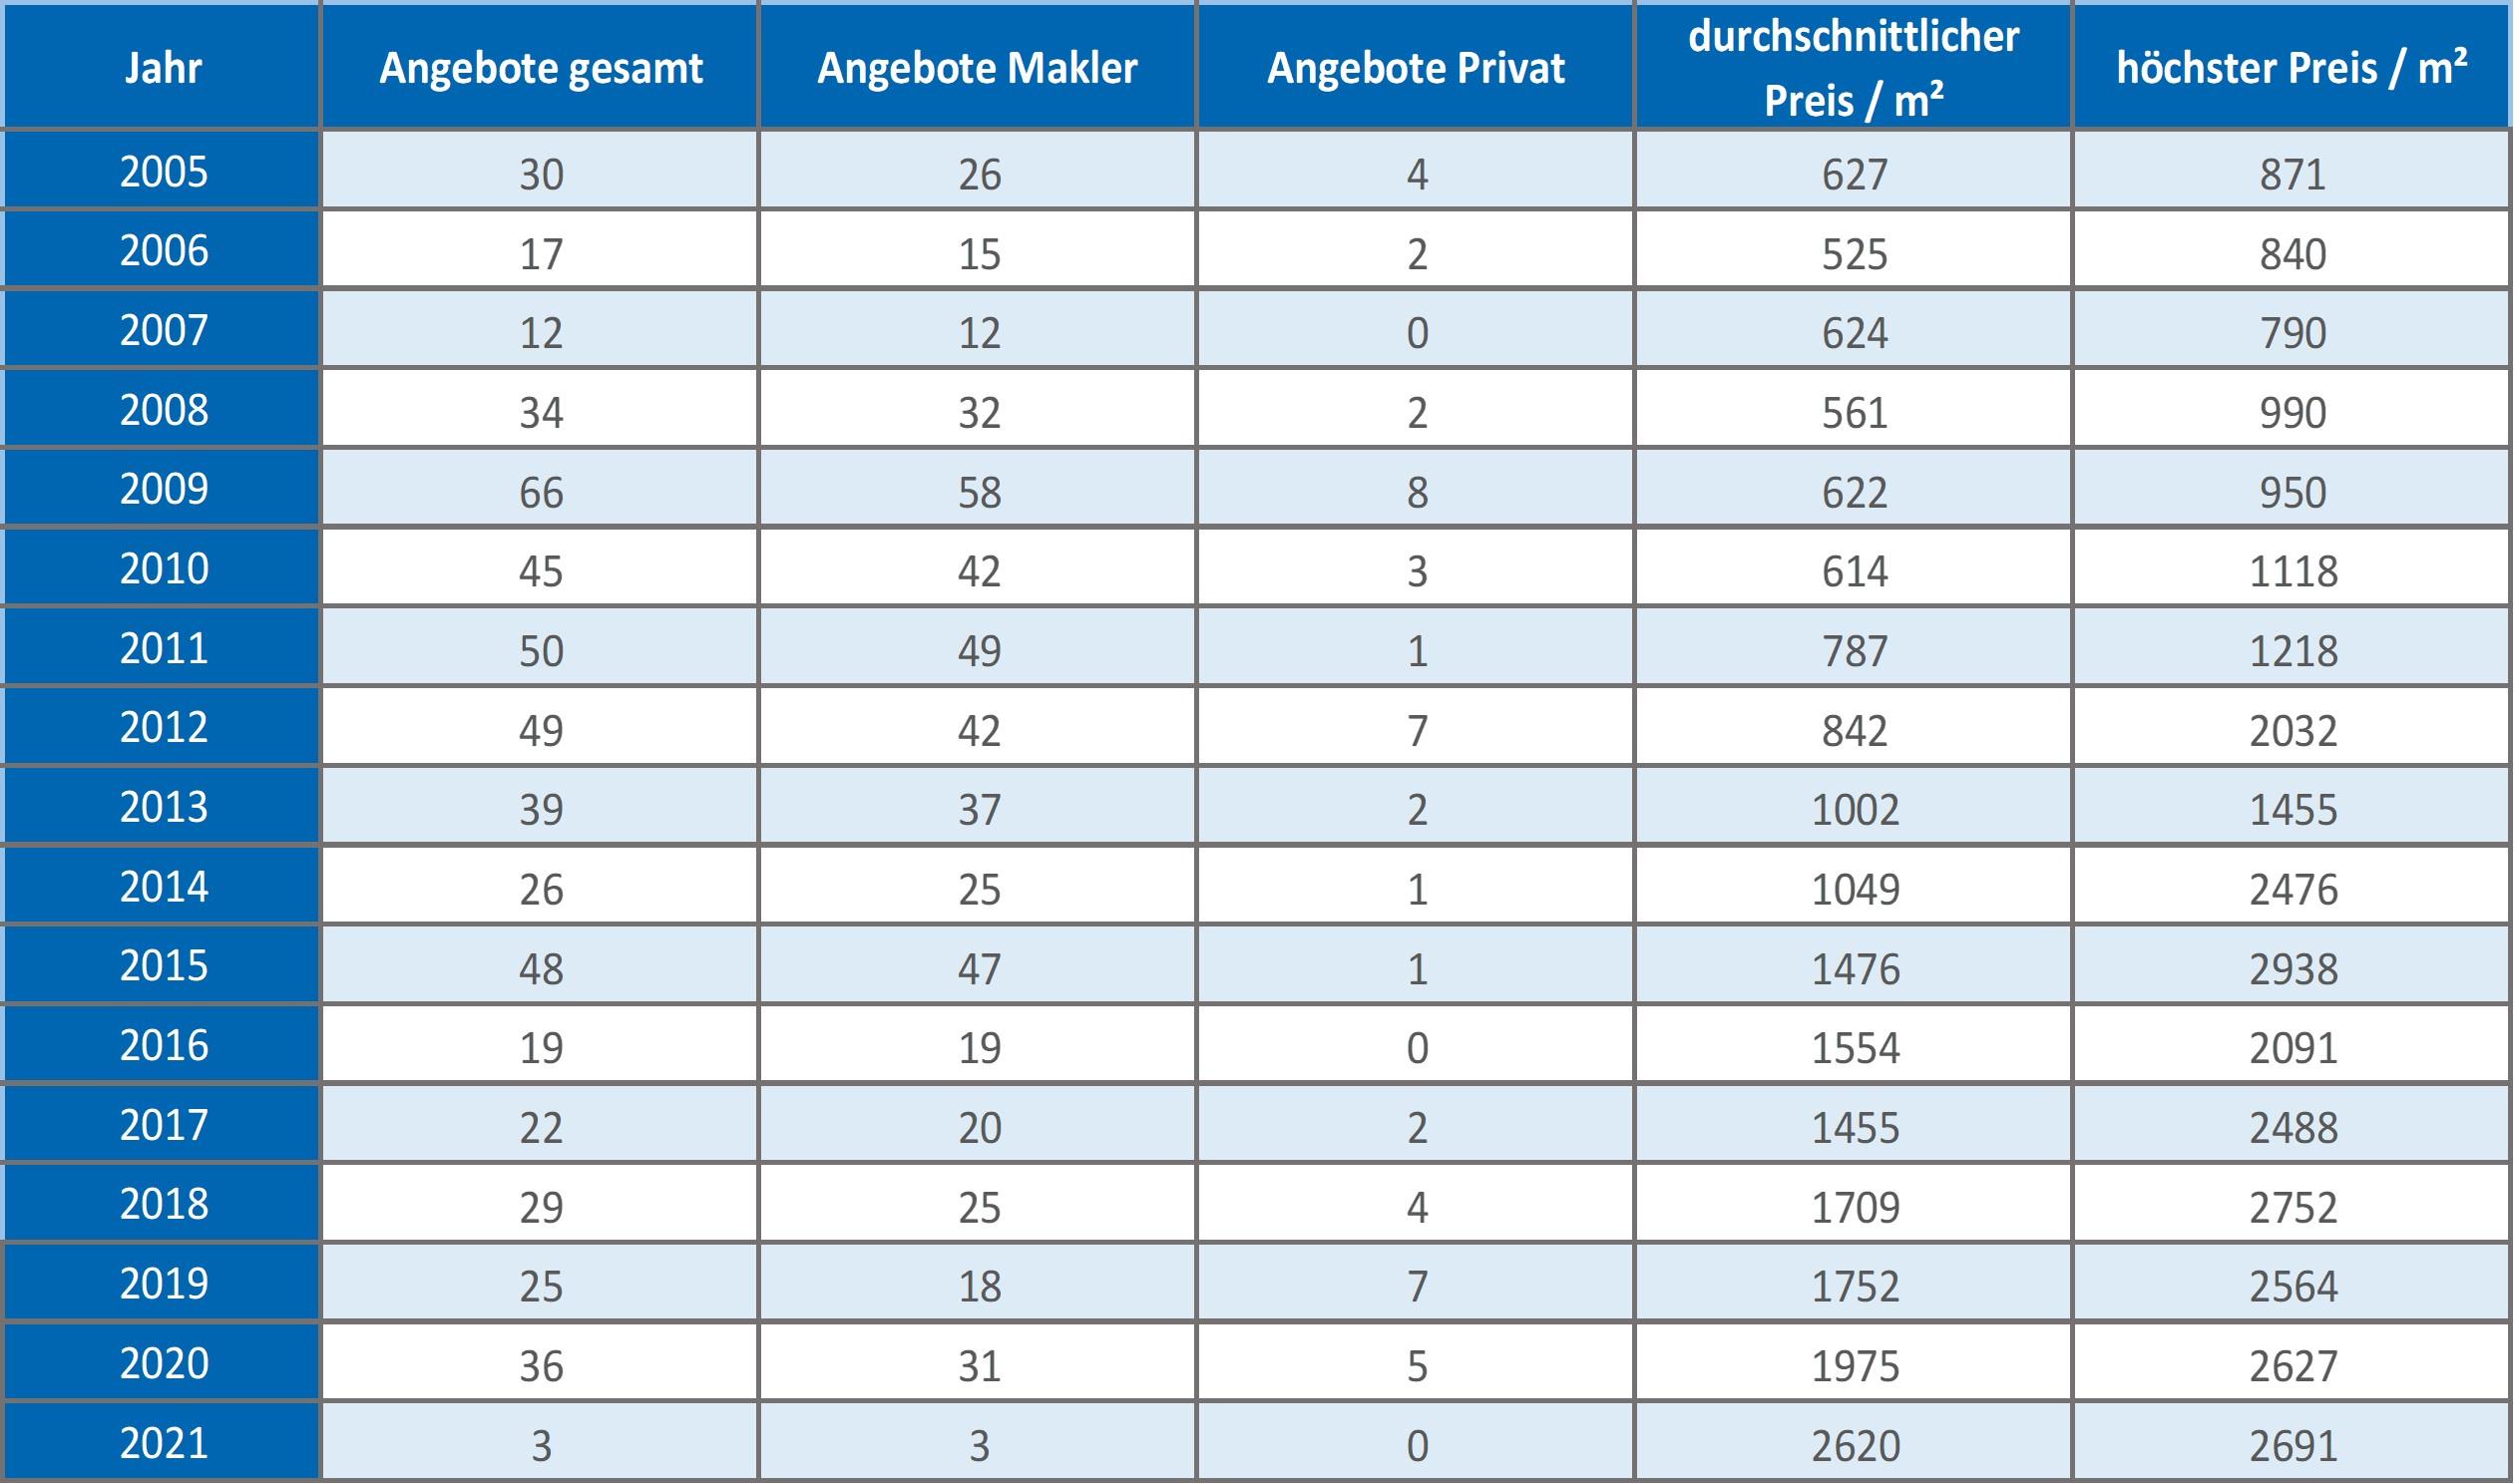 Oberhaching-Grundstück-kaufen-verkaufen-Makler 2019 2020 2021